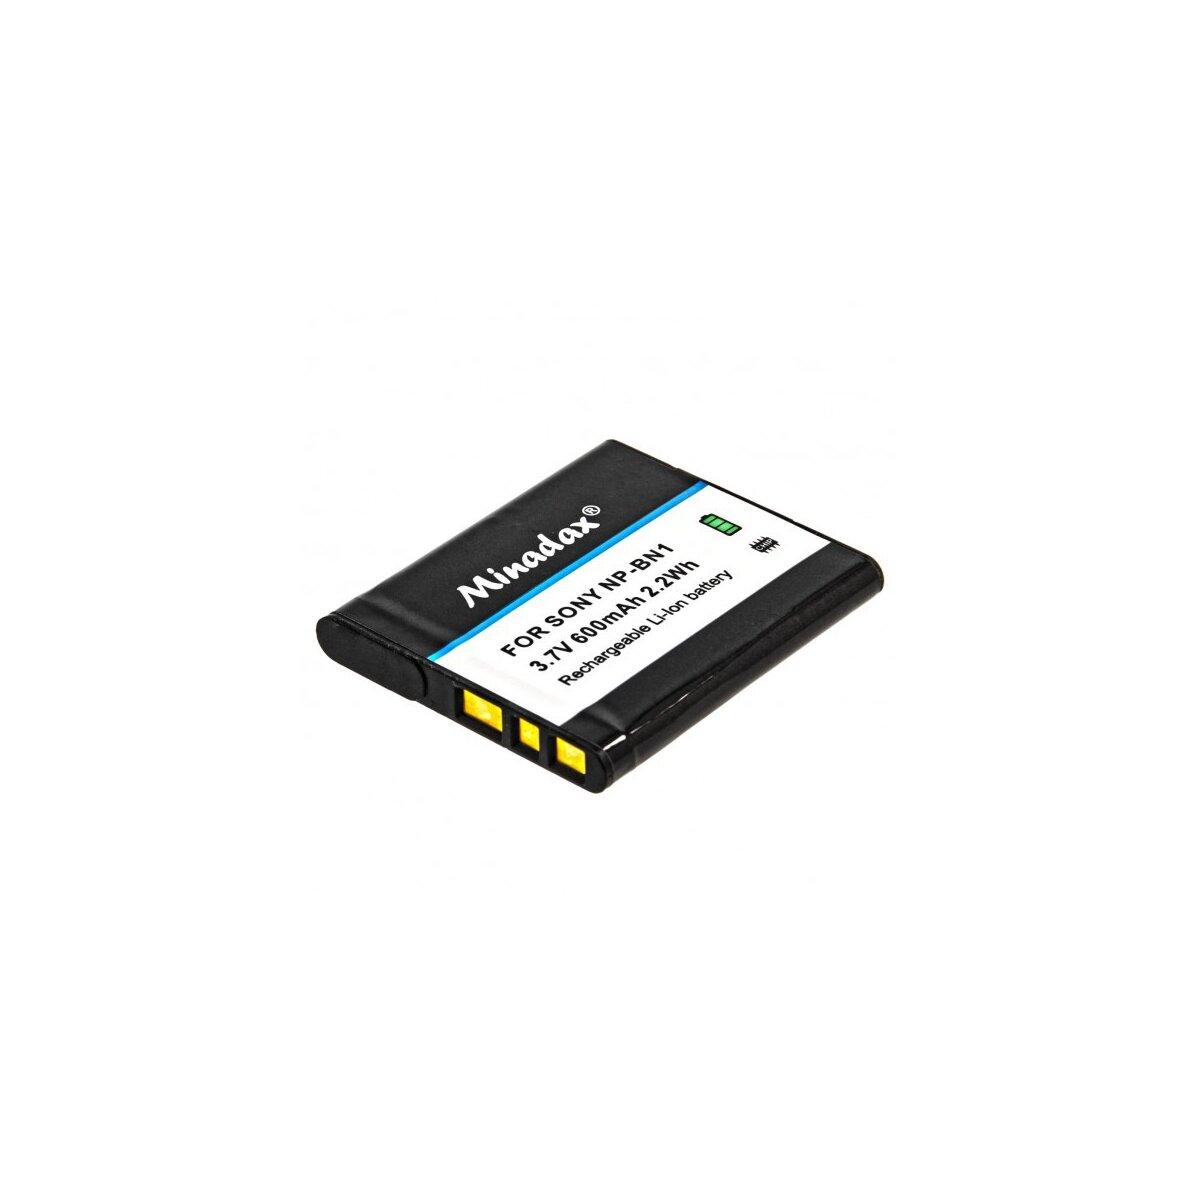 Minadax® Qualitaetsakku mit echten 600 mAh fuer Sony DSC QX10 QX100 -- W830 W810 W730 W710 W610 W620 W630 W650 W670 W690 W510 W530 W550 W560 W570 W580 W320 W350 W180 W190 etc, wie NP-BN1 - Intelligentes Akkusystem mit Chip